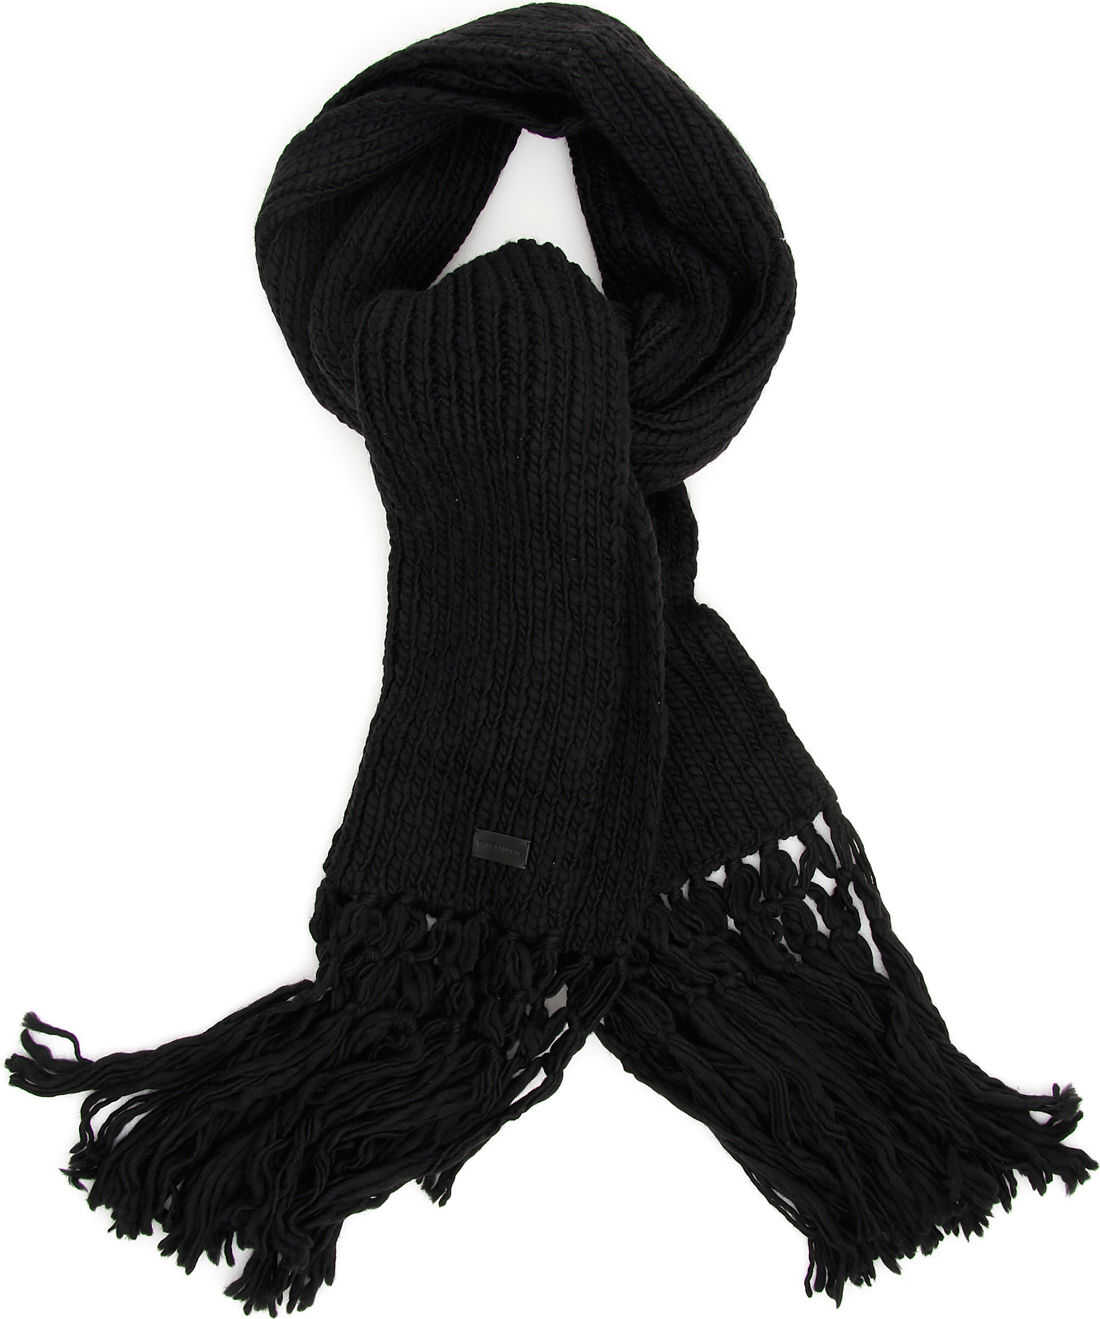 Saint Laurent Knit Scarf BLACK